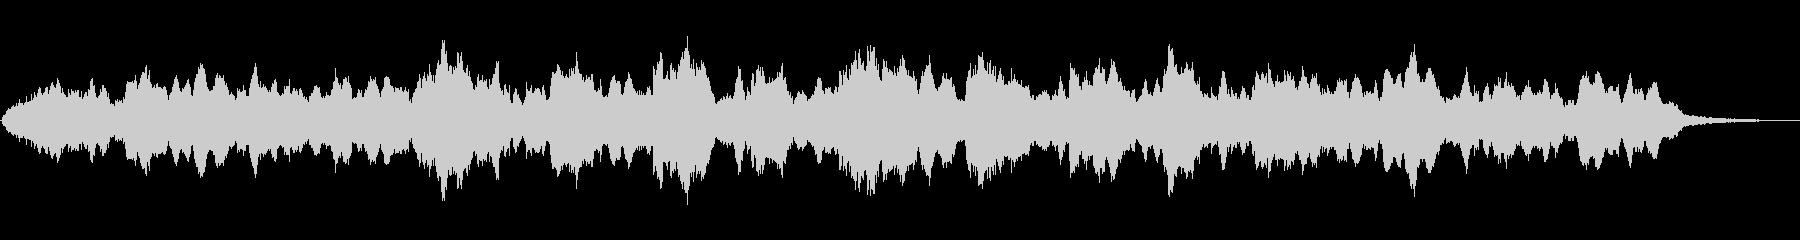 インドの笛シャナイによる神秘的な音風景の未再生の波形